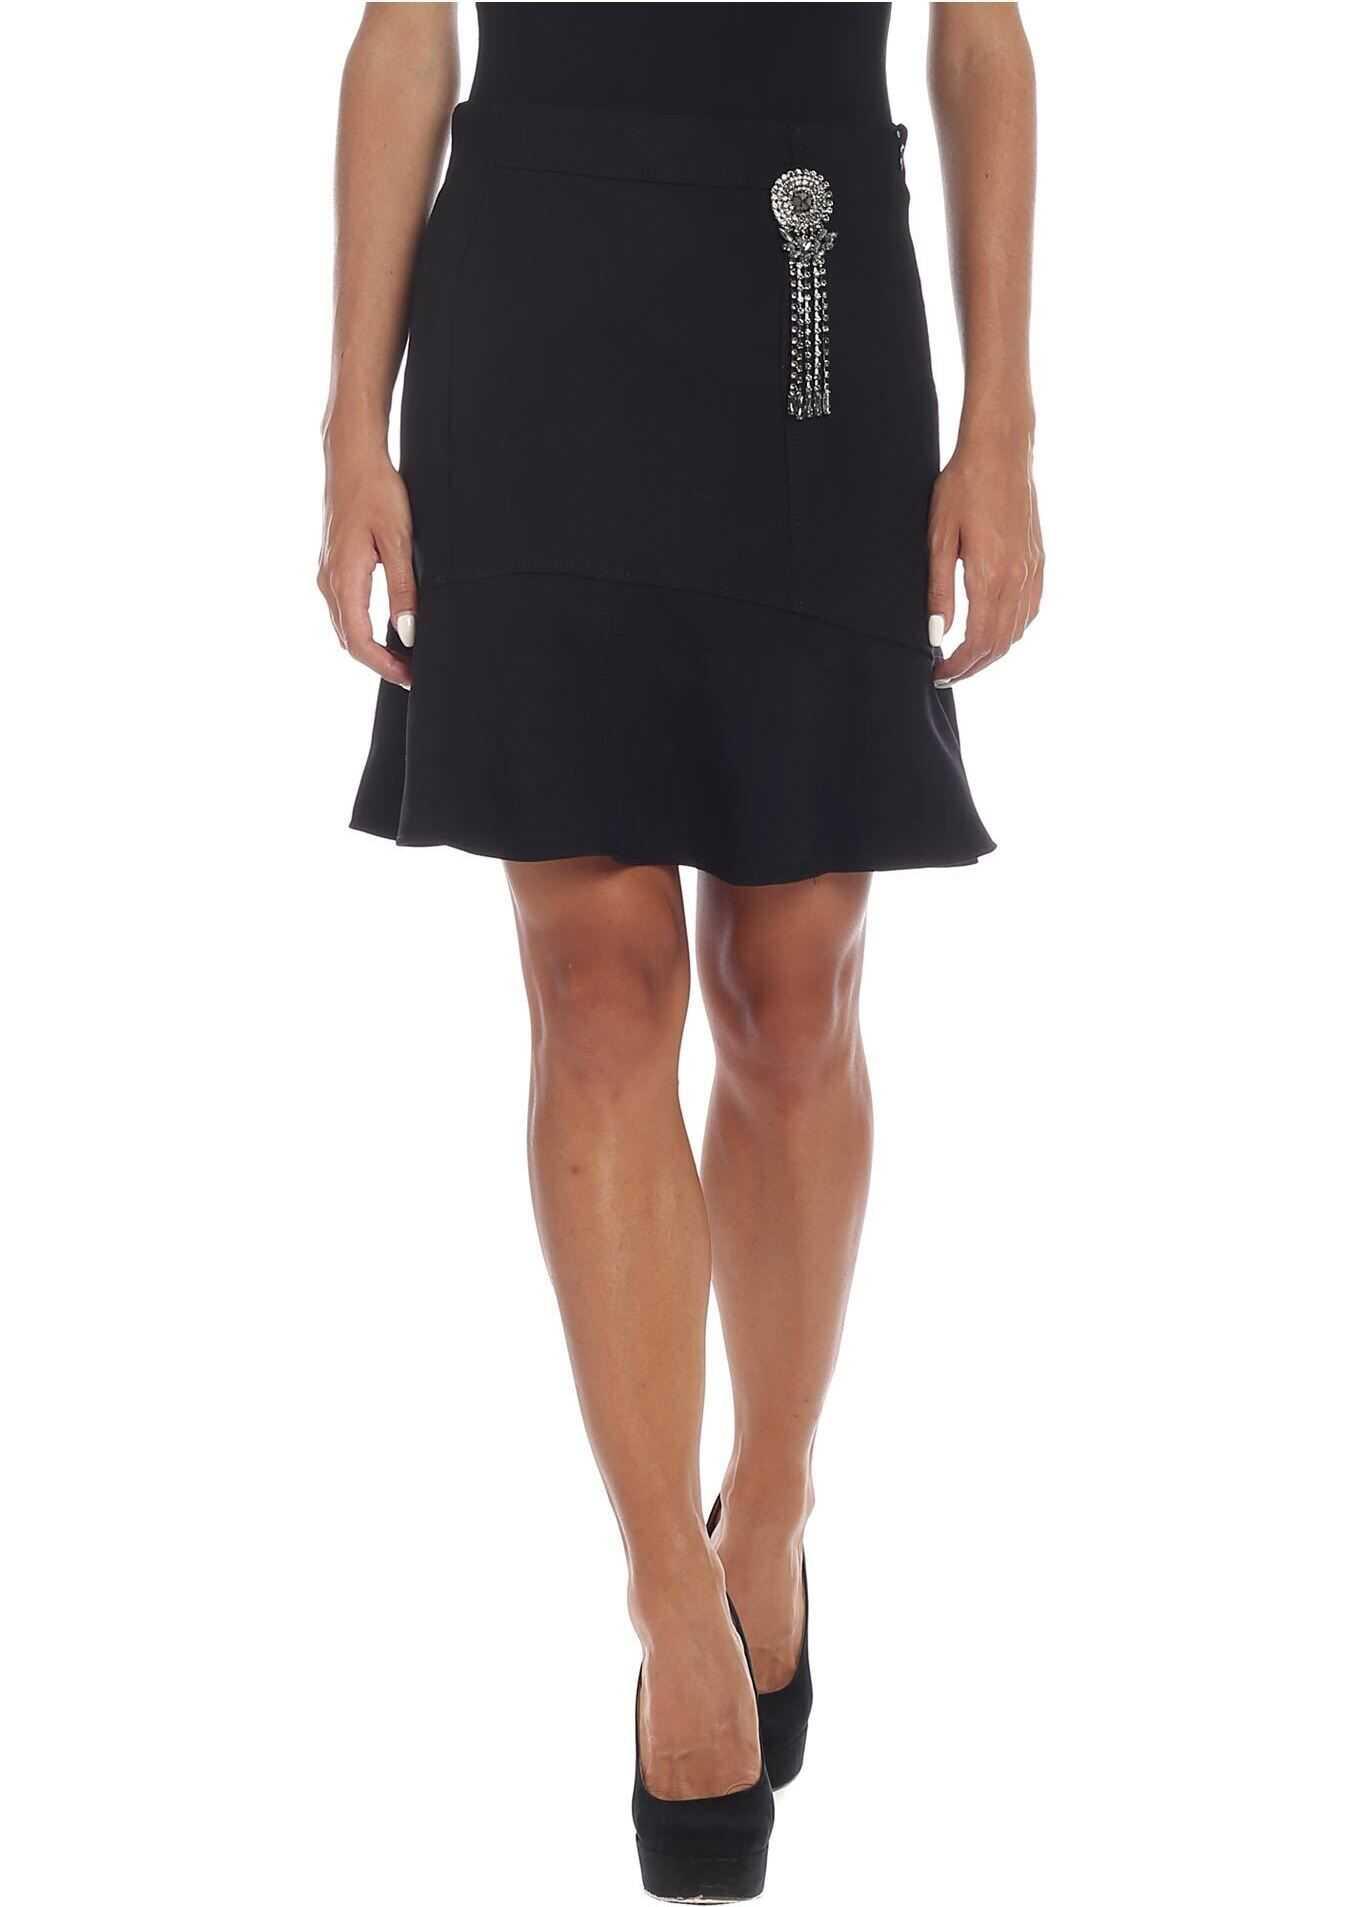 Pinko Sincerare Skirt In Black Black